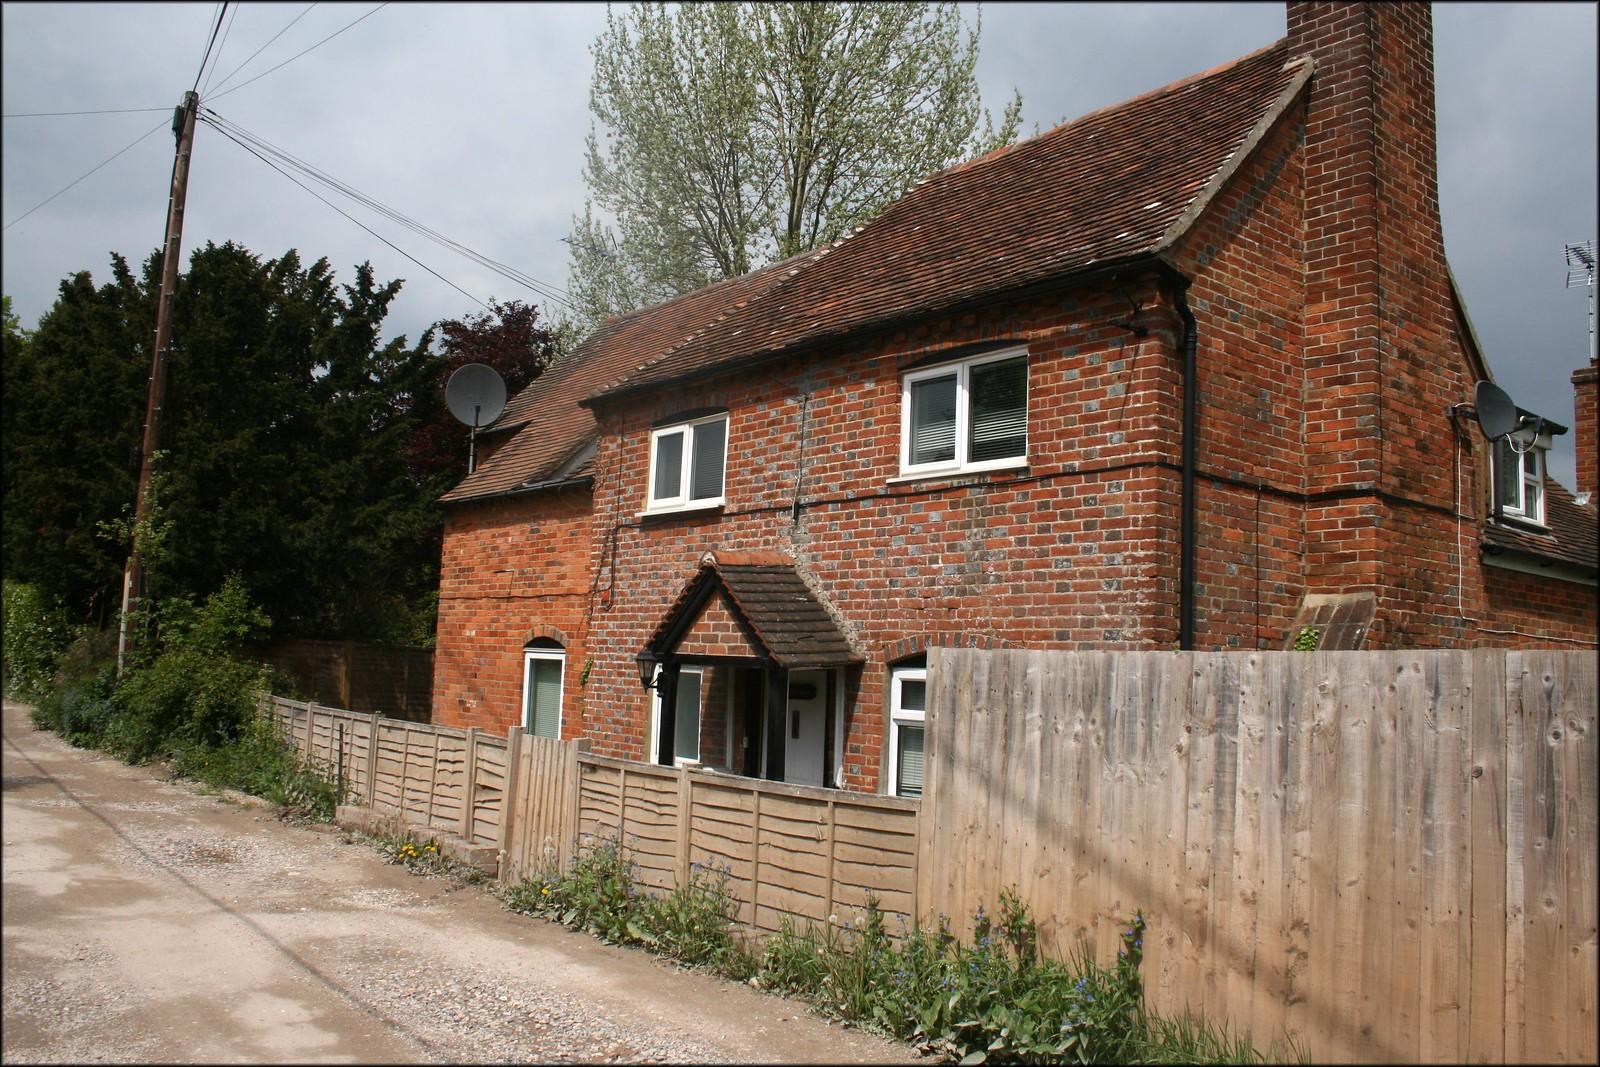 Cottage near Aldermaston